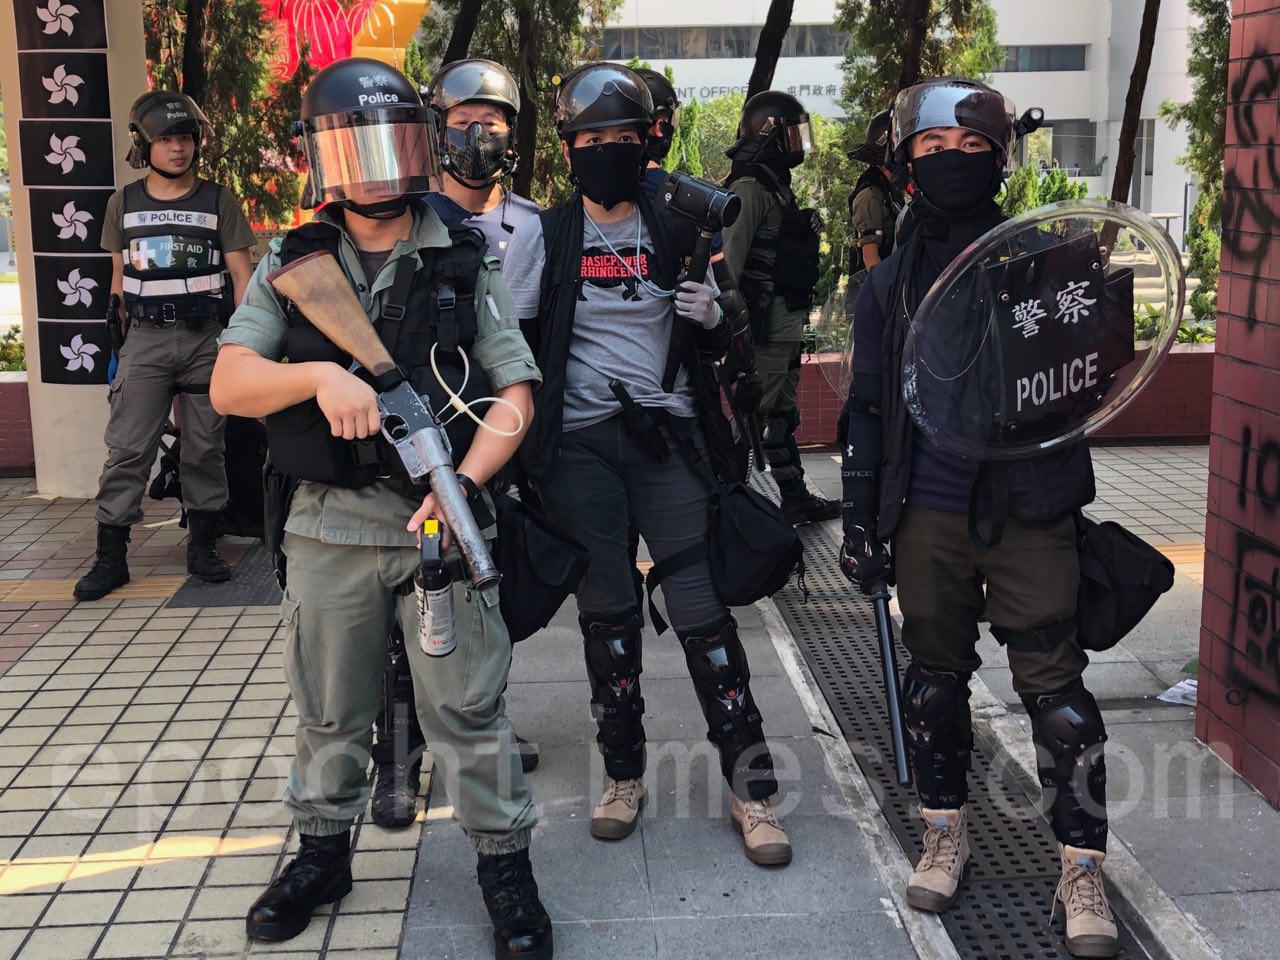 10.1國殤日,香港六區同時發起反中共極權、暴政的大遊行,圖為屯門地區的10.1大遊行,已有大批警察在戒備。(余天佑/大紀元)